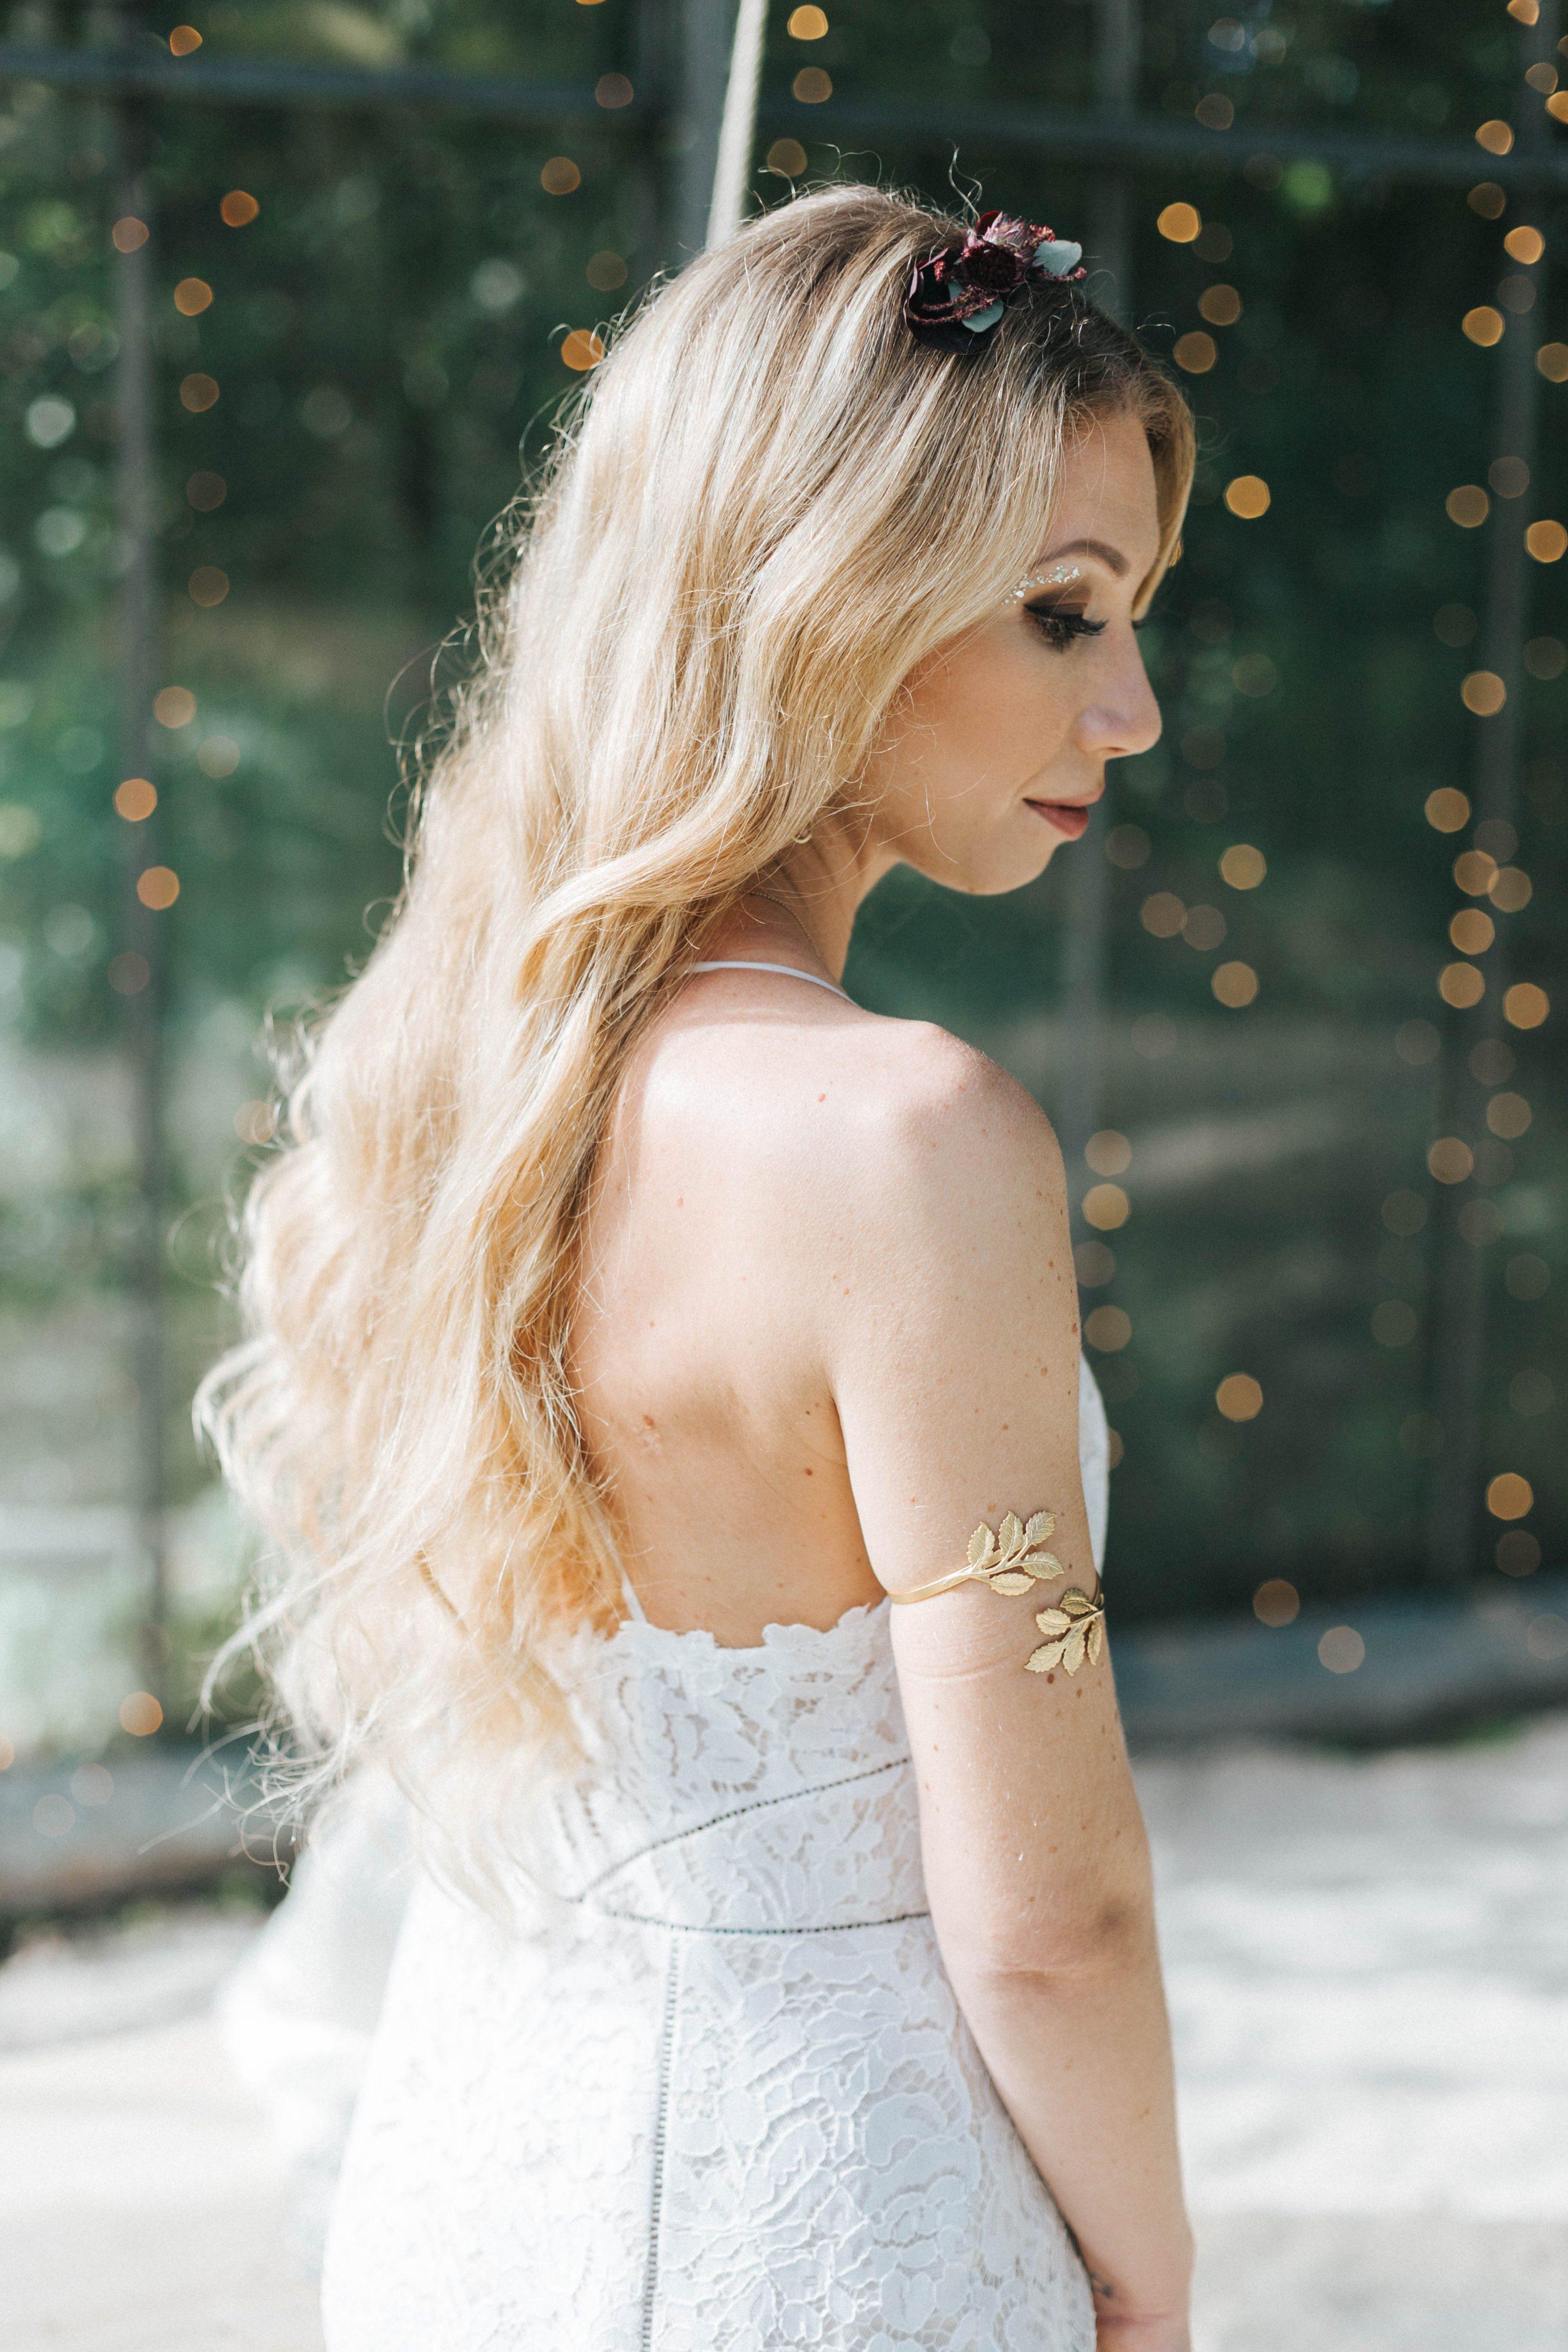 Brautfrisuren 2018, Brautfrisur offene Haare, Brautfrisur lange Haare